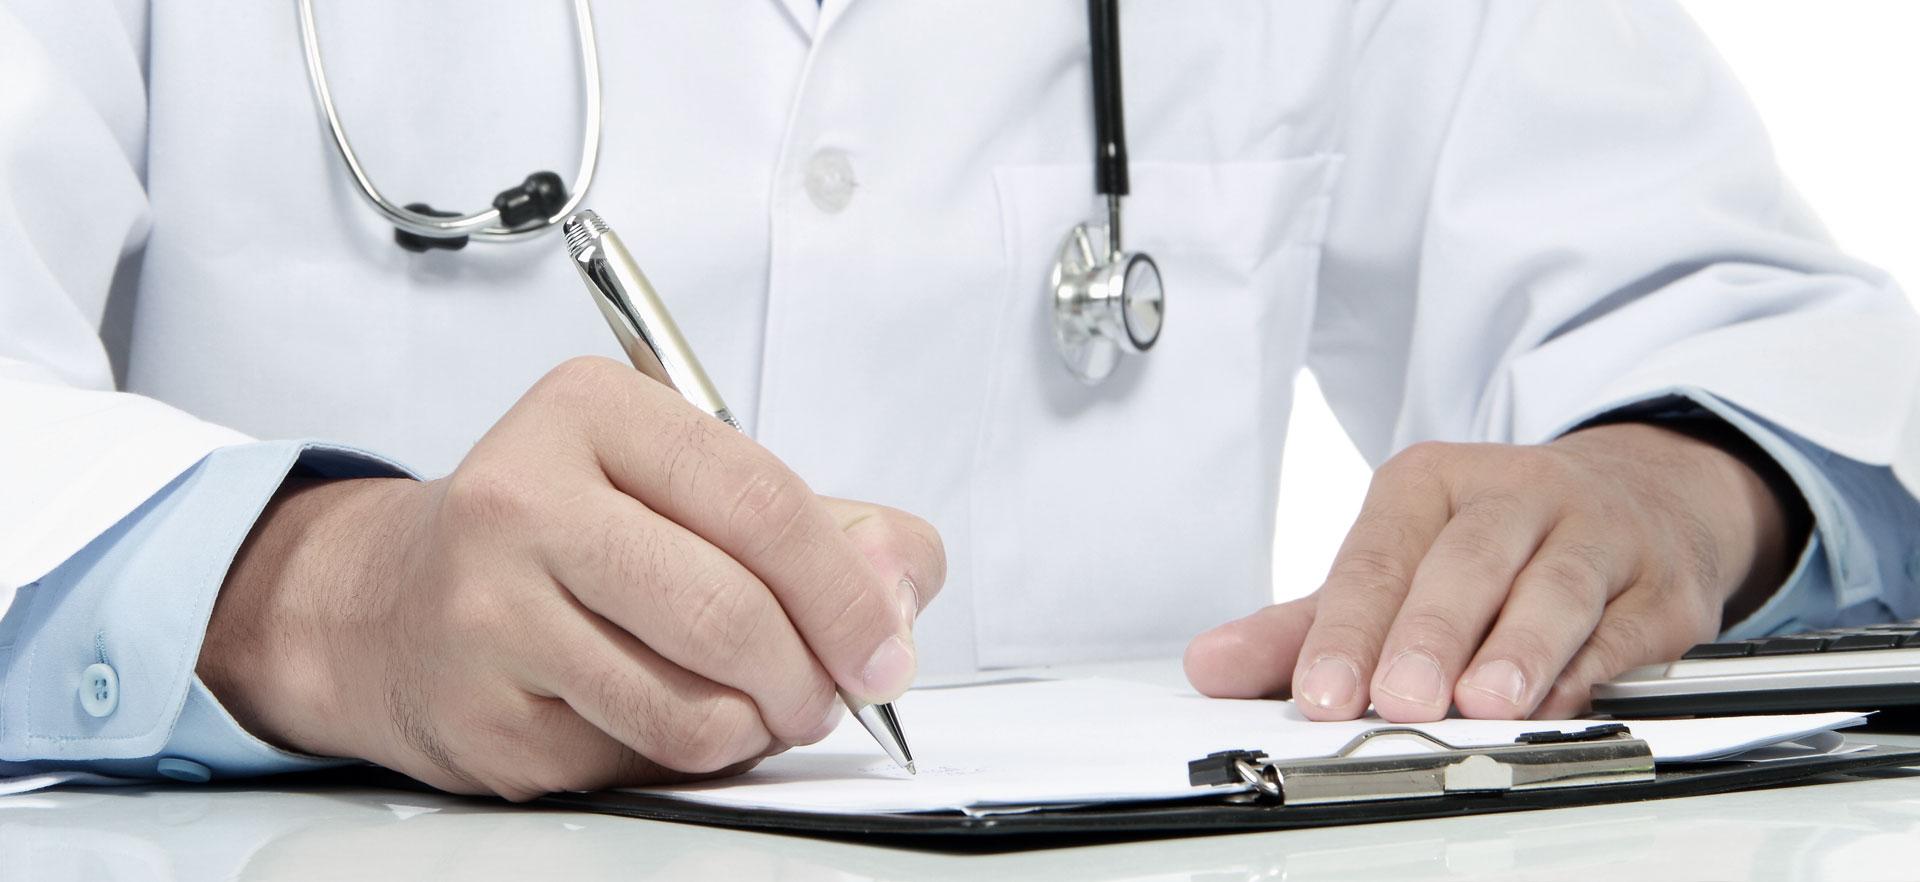 Dr. Pickert HNO Arzt mit Praxis in Bayreuth - Schreibende Hände